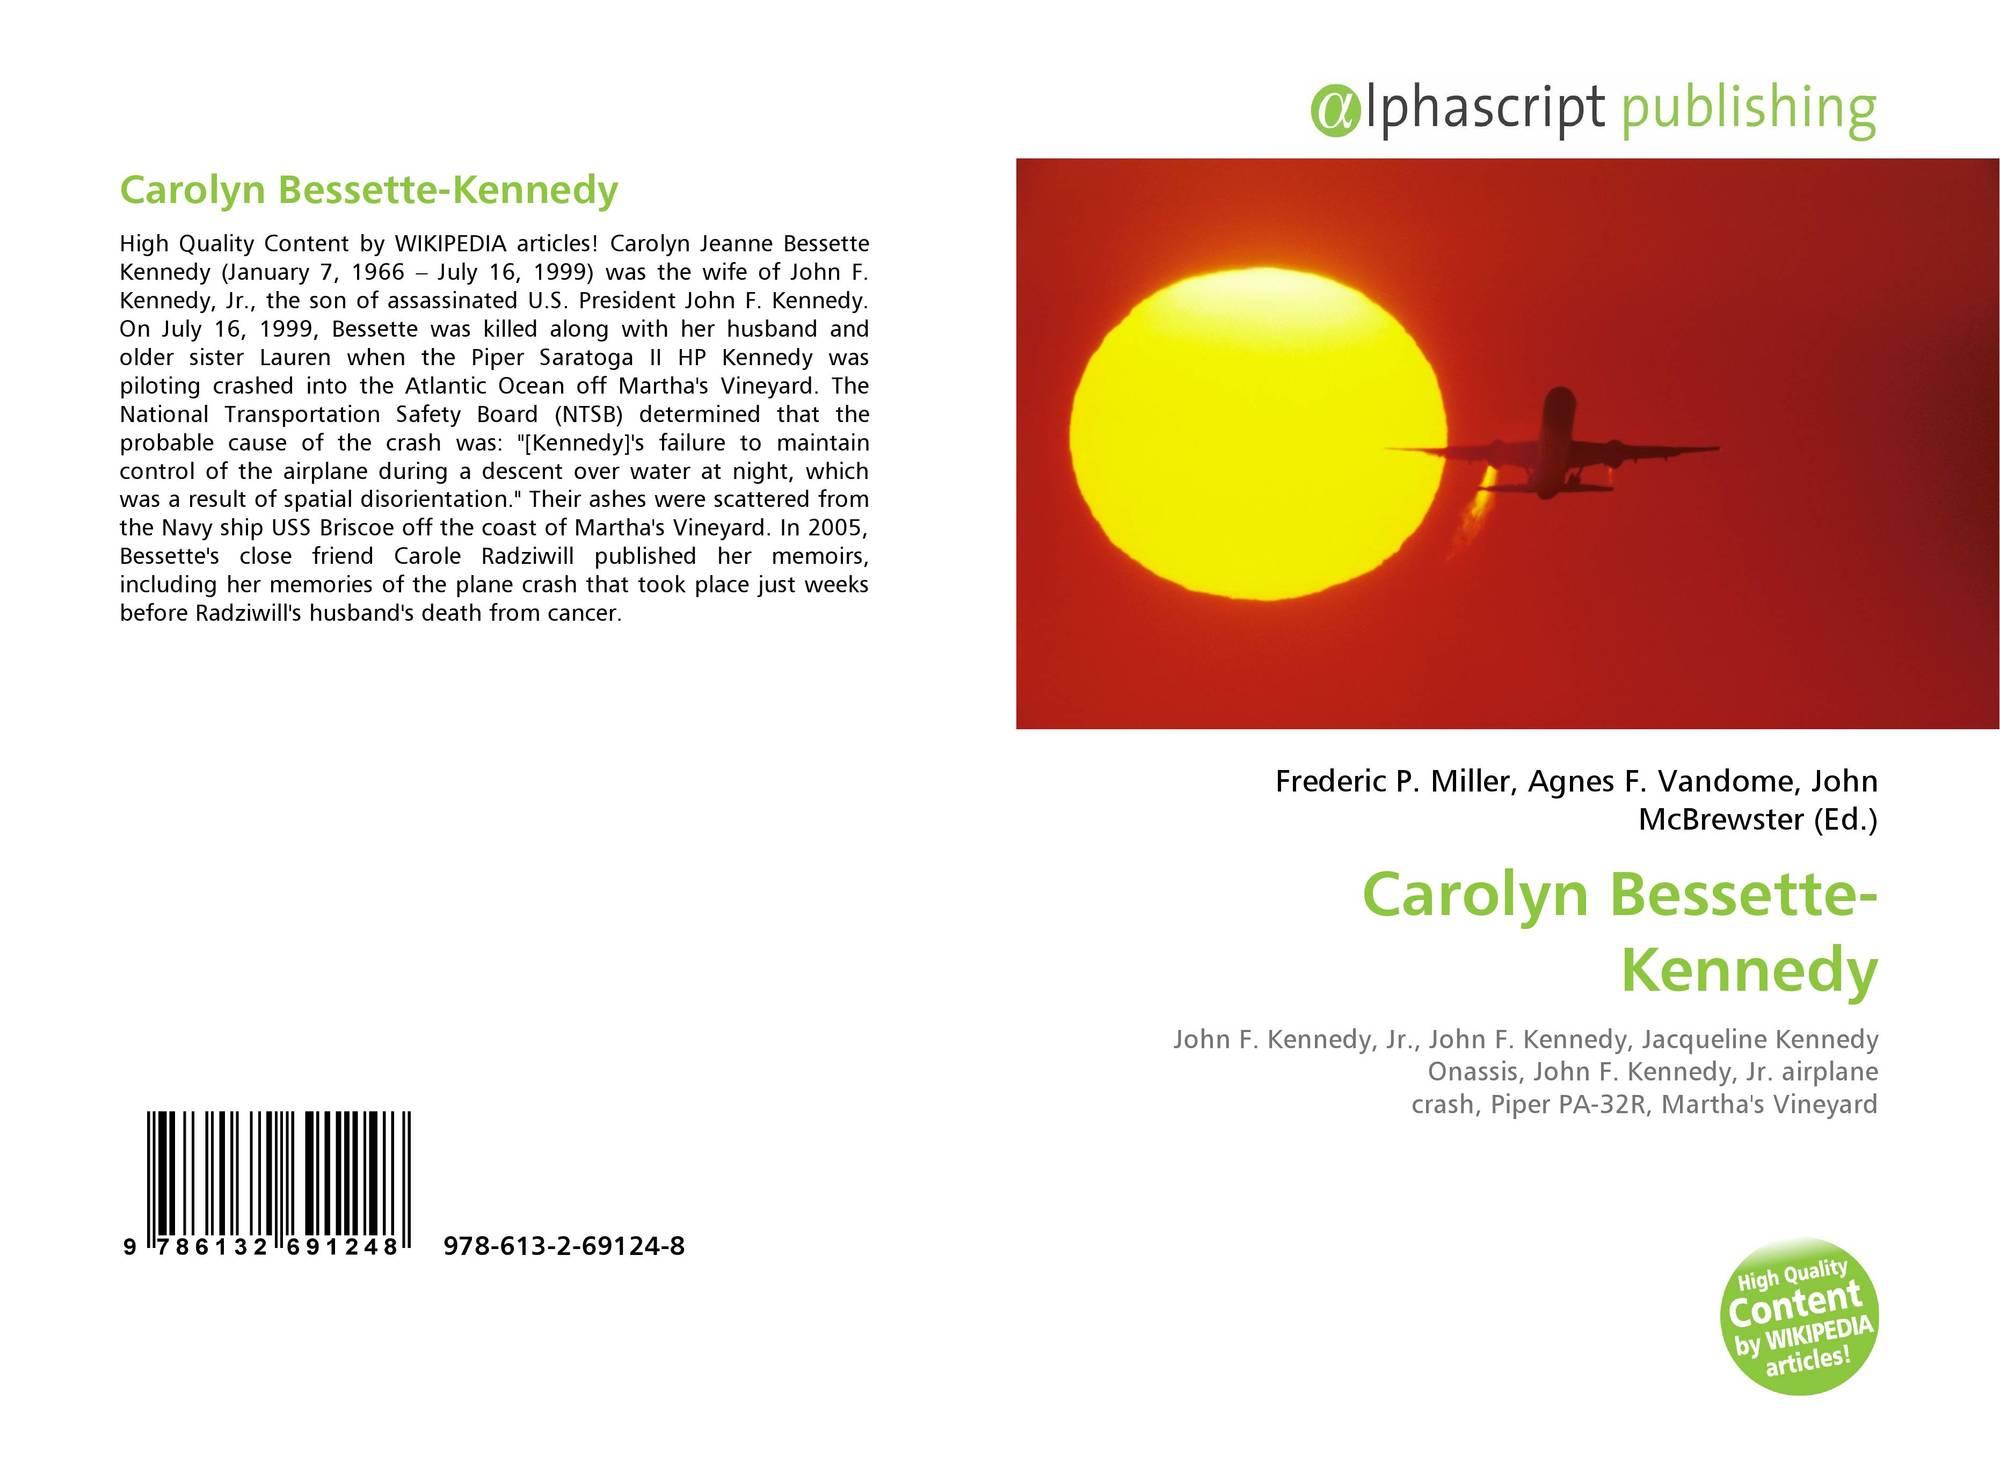 Carolyn Bessette-Kennedy, 978-613-2-69124-8, 6132691243